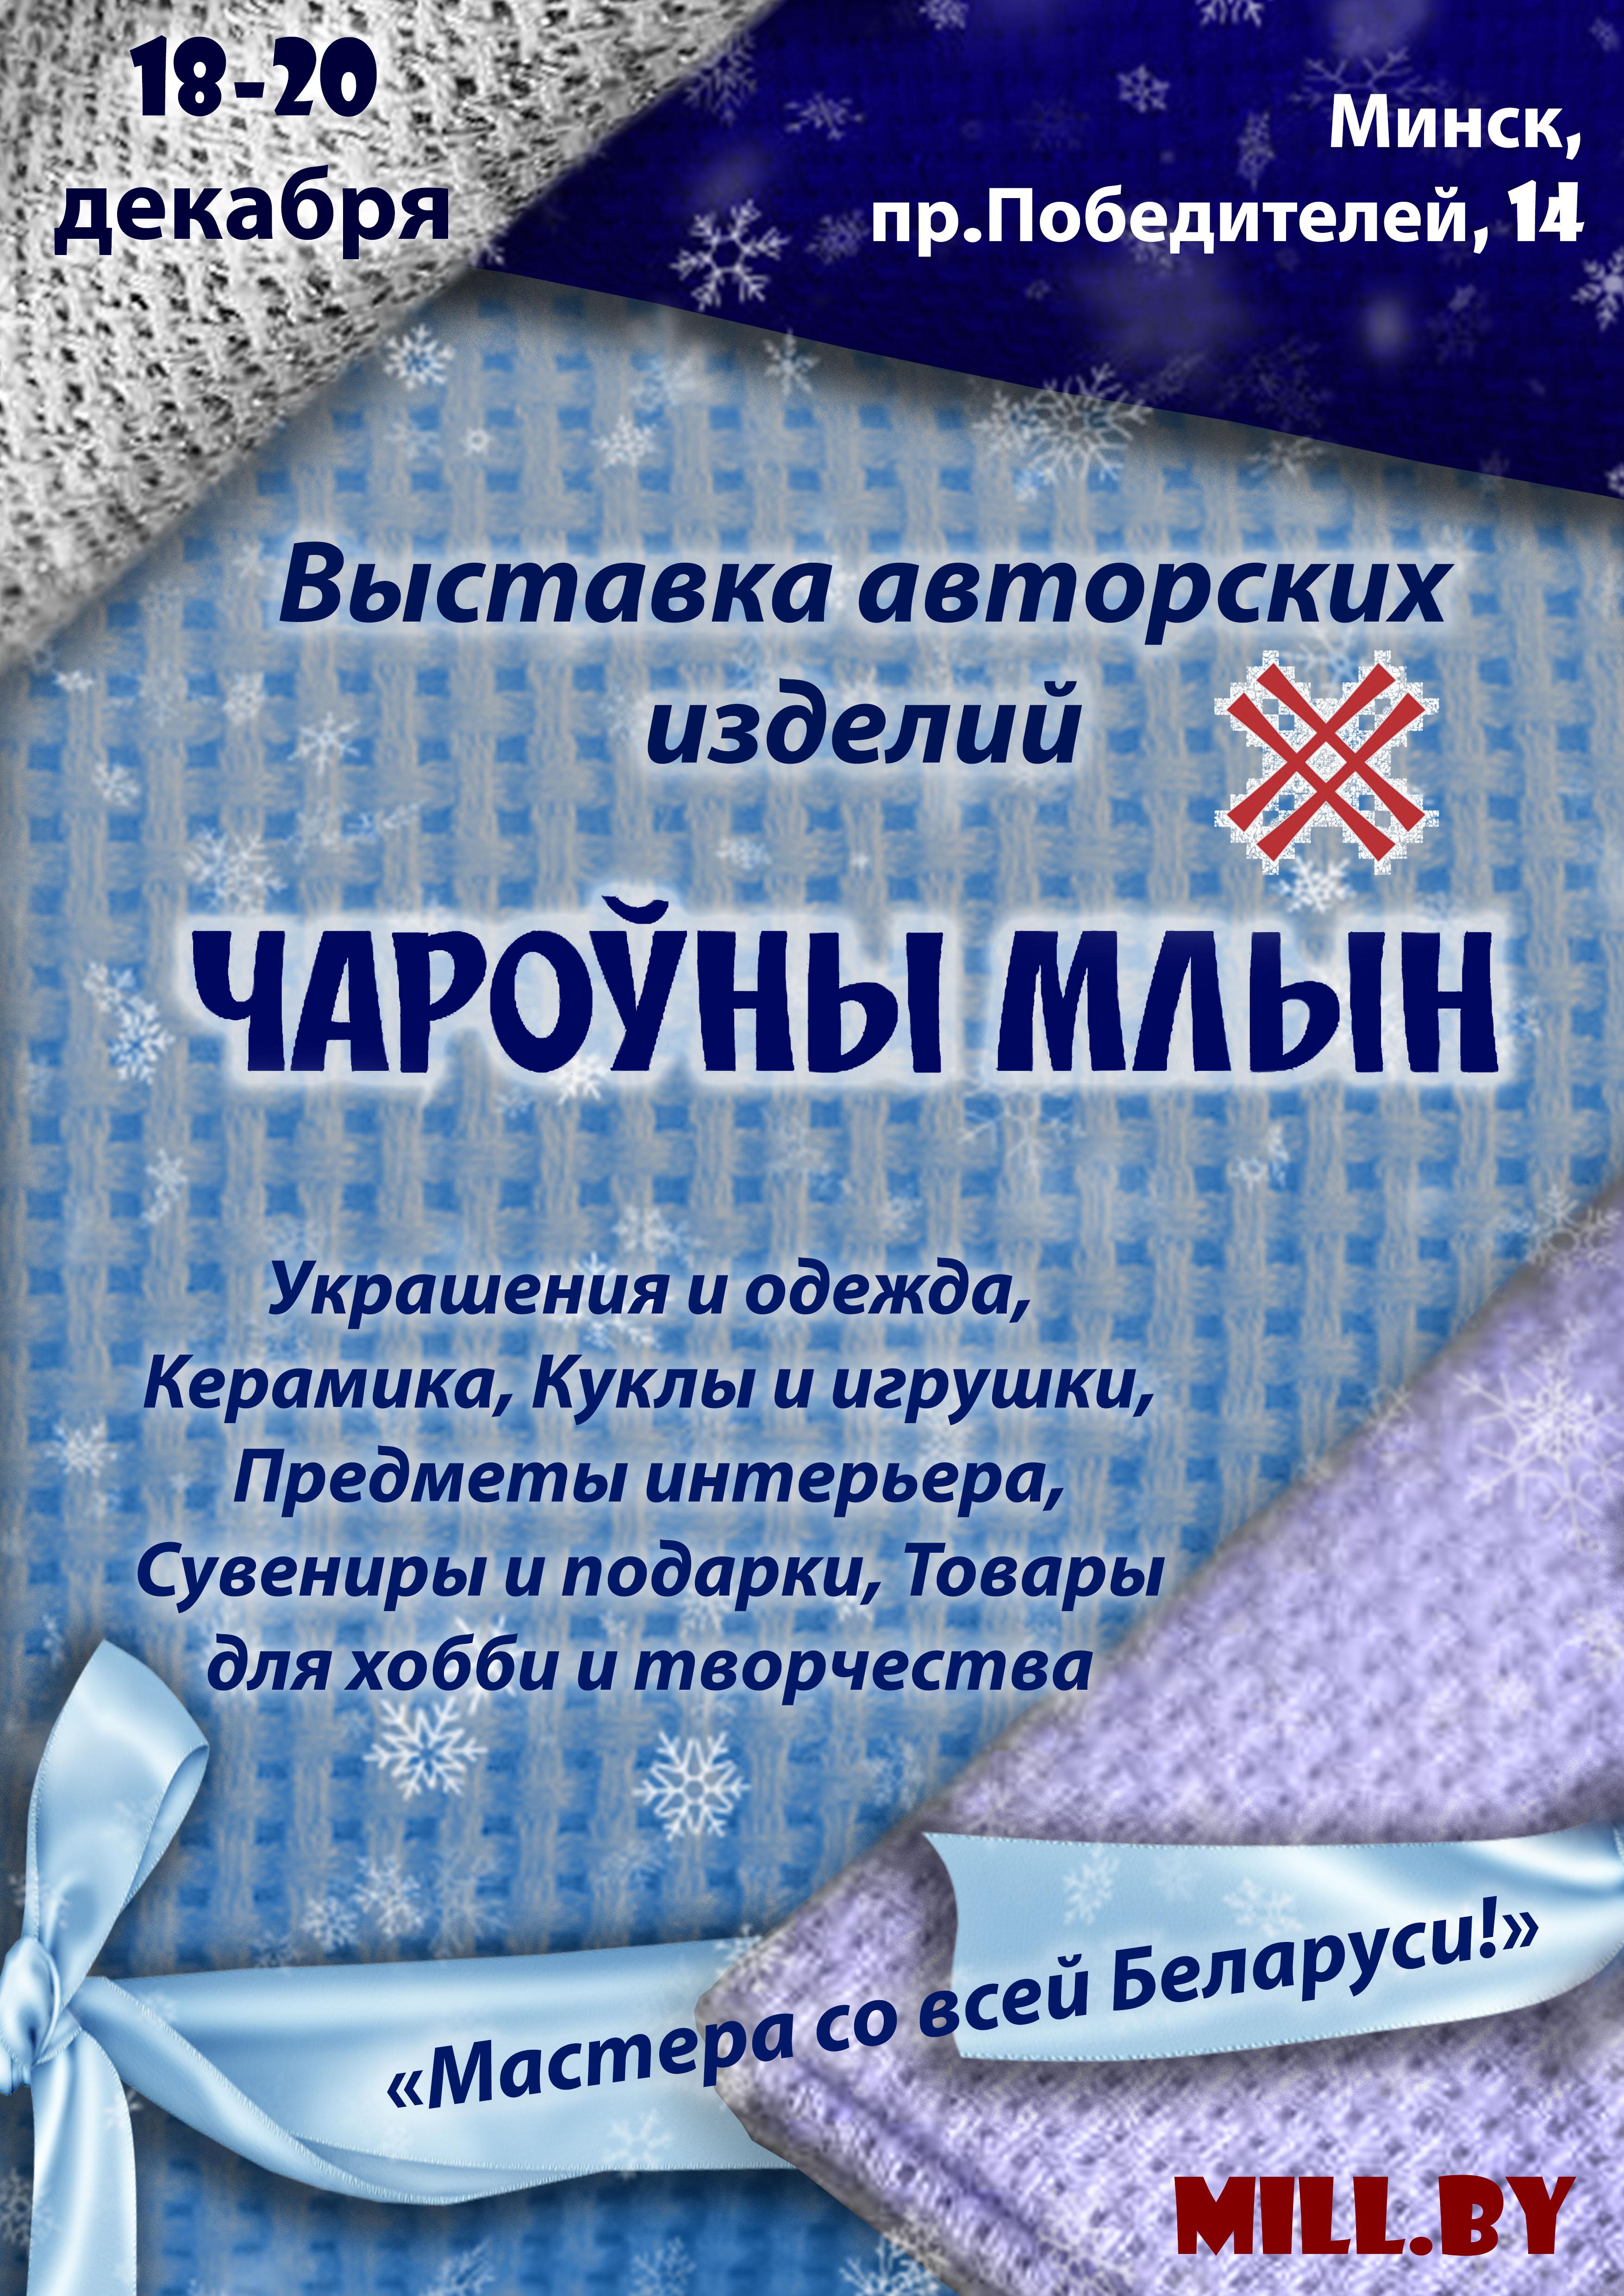 Дизайн новогодней афиши для выставки изделий ручной работы фото f_9945f887fbd3029a.jpg